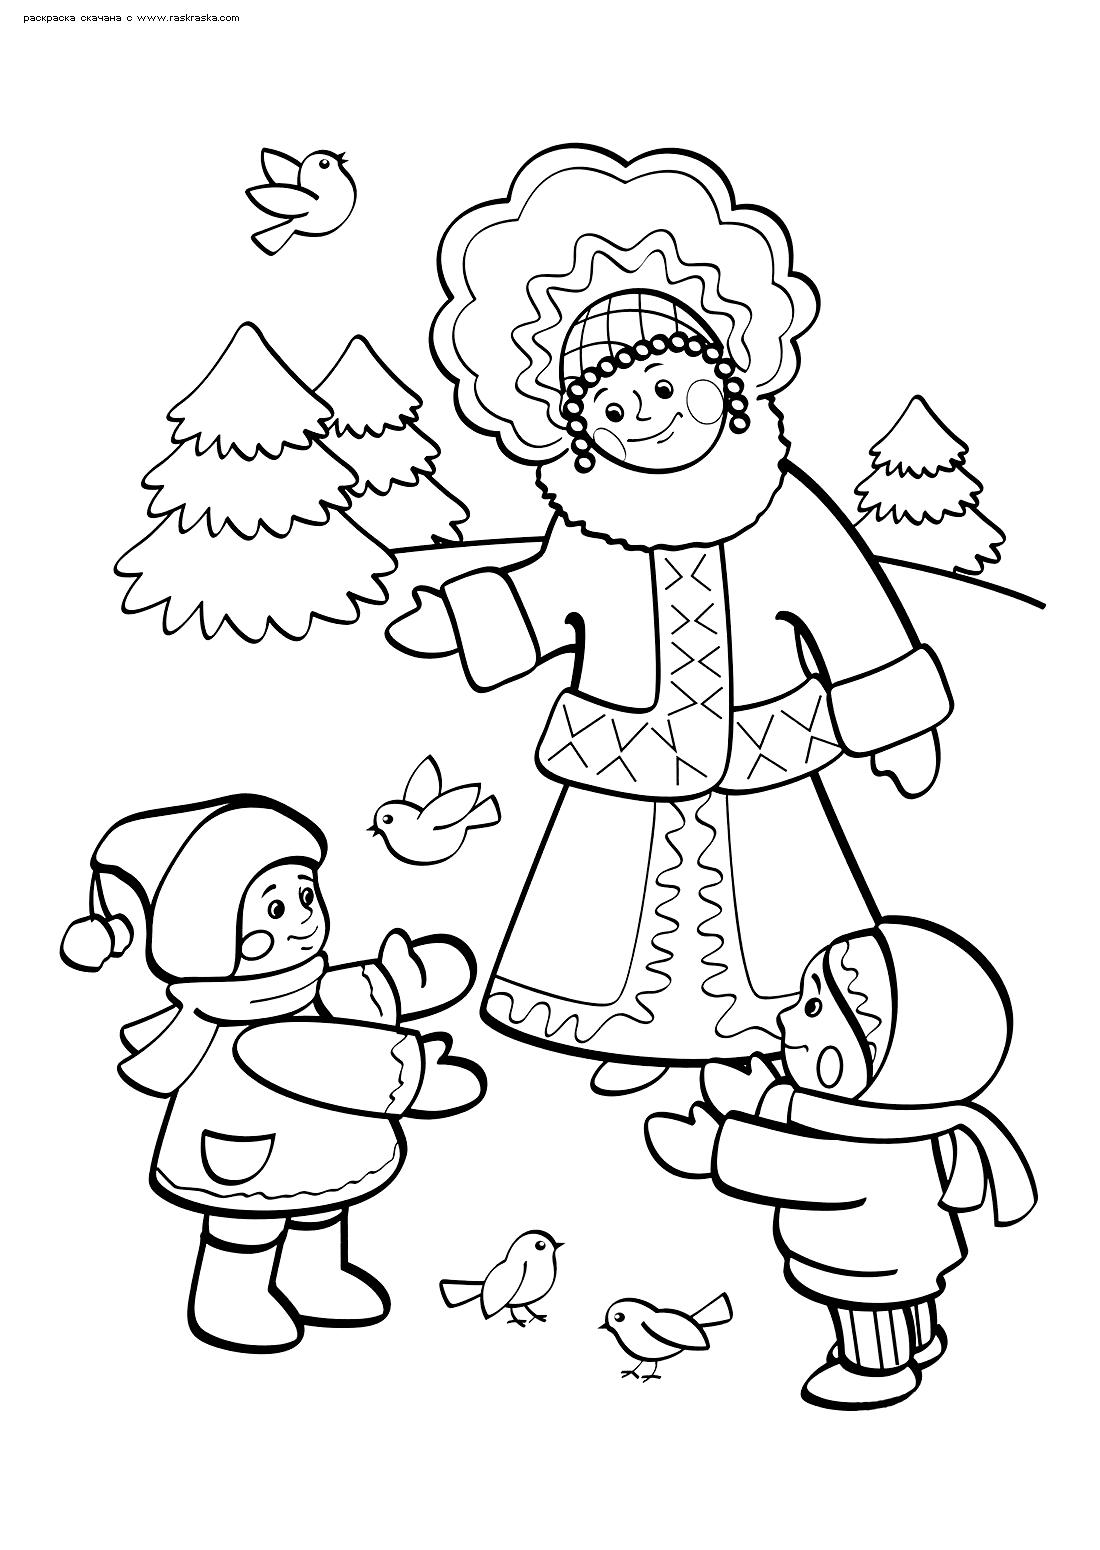 Раскраска Снегурочка и дети. Раскраска снегурочка, дети, лес, зима